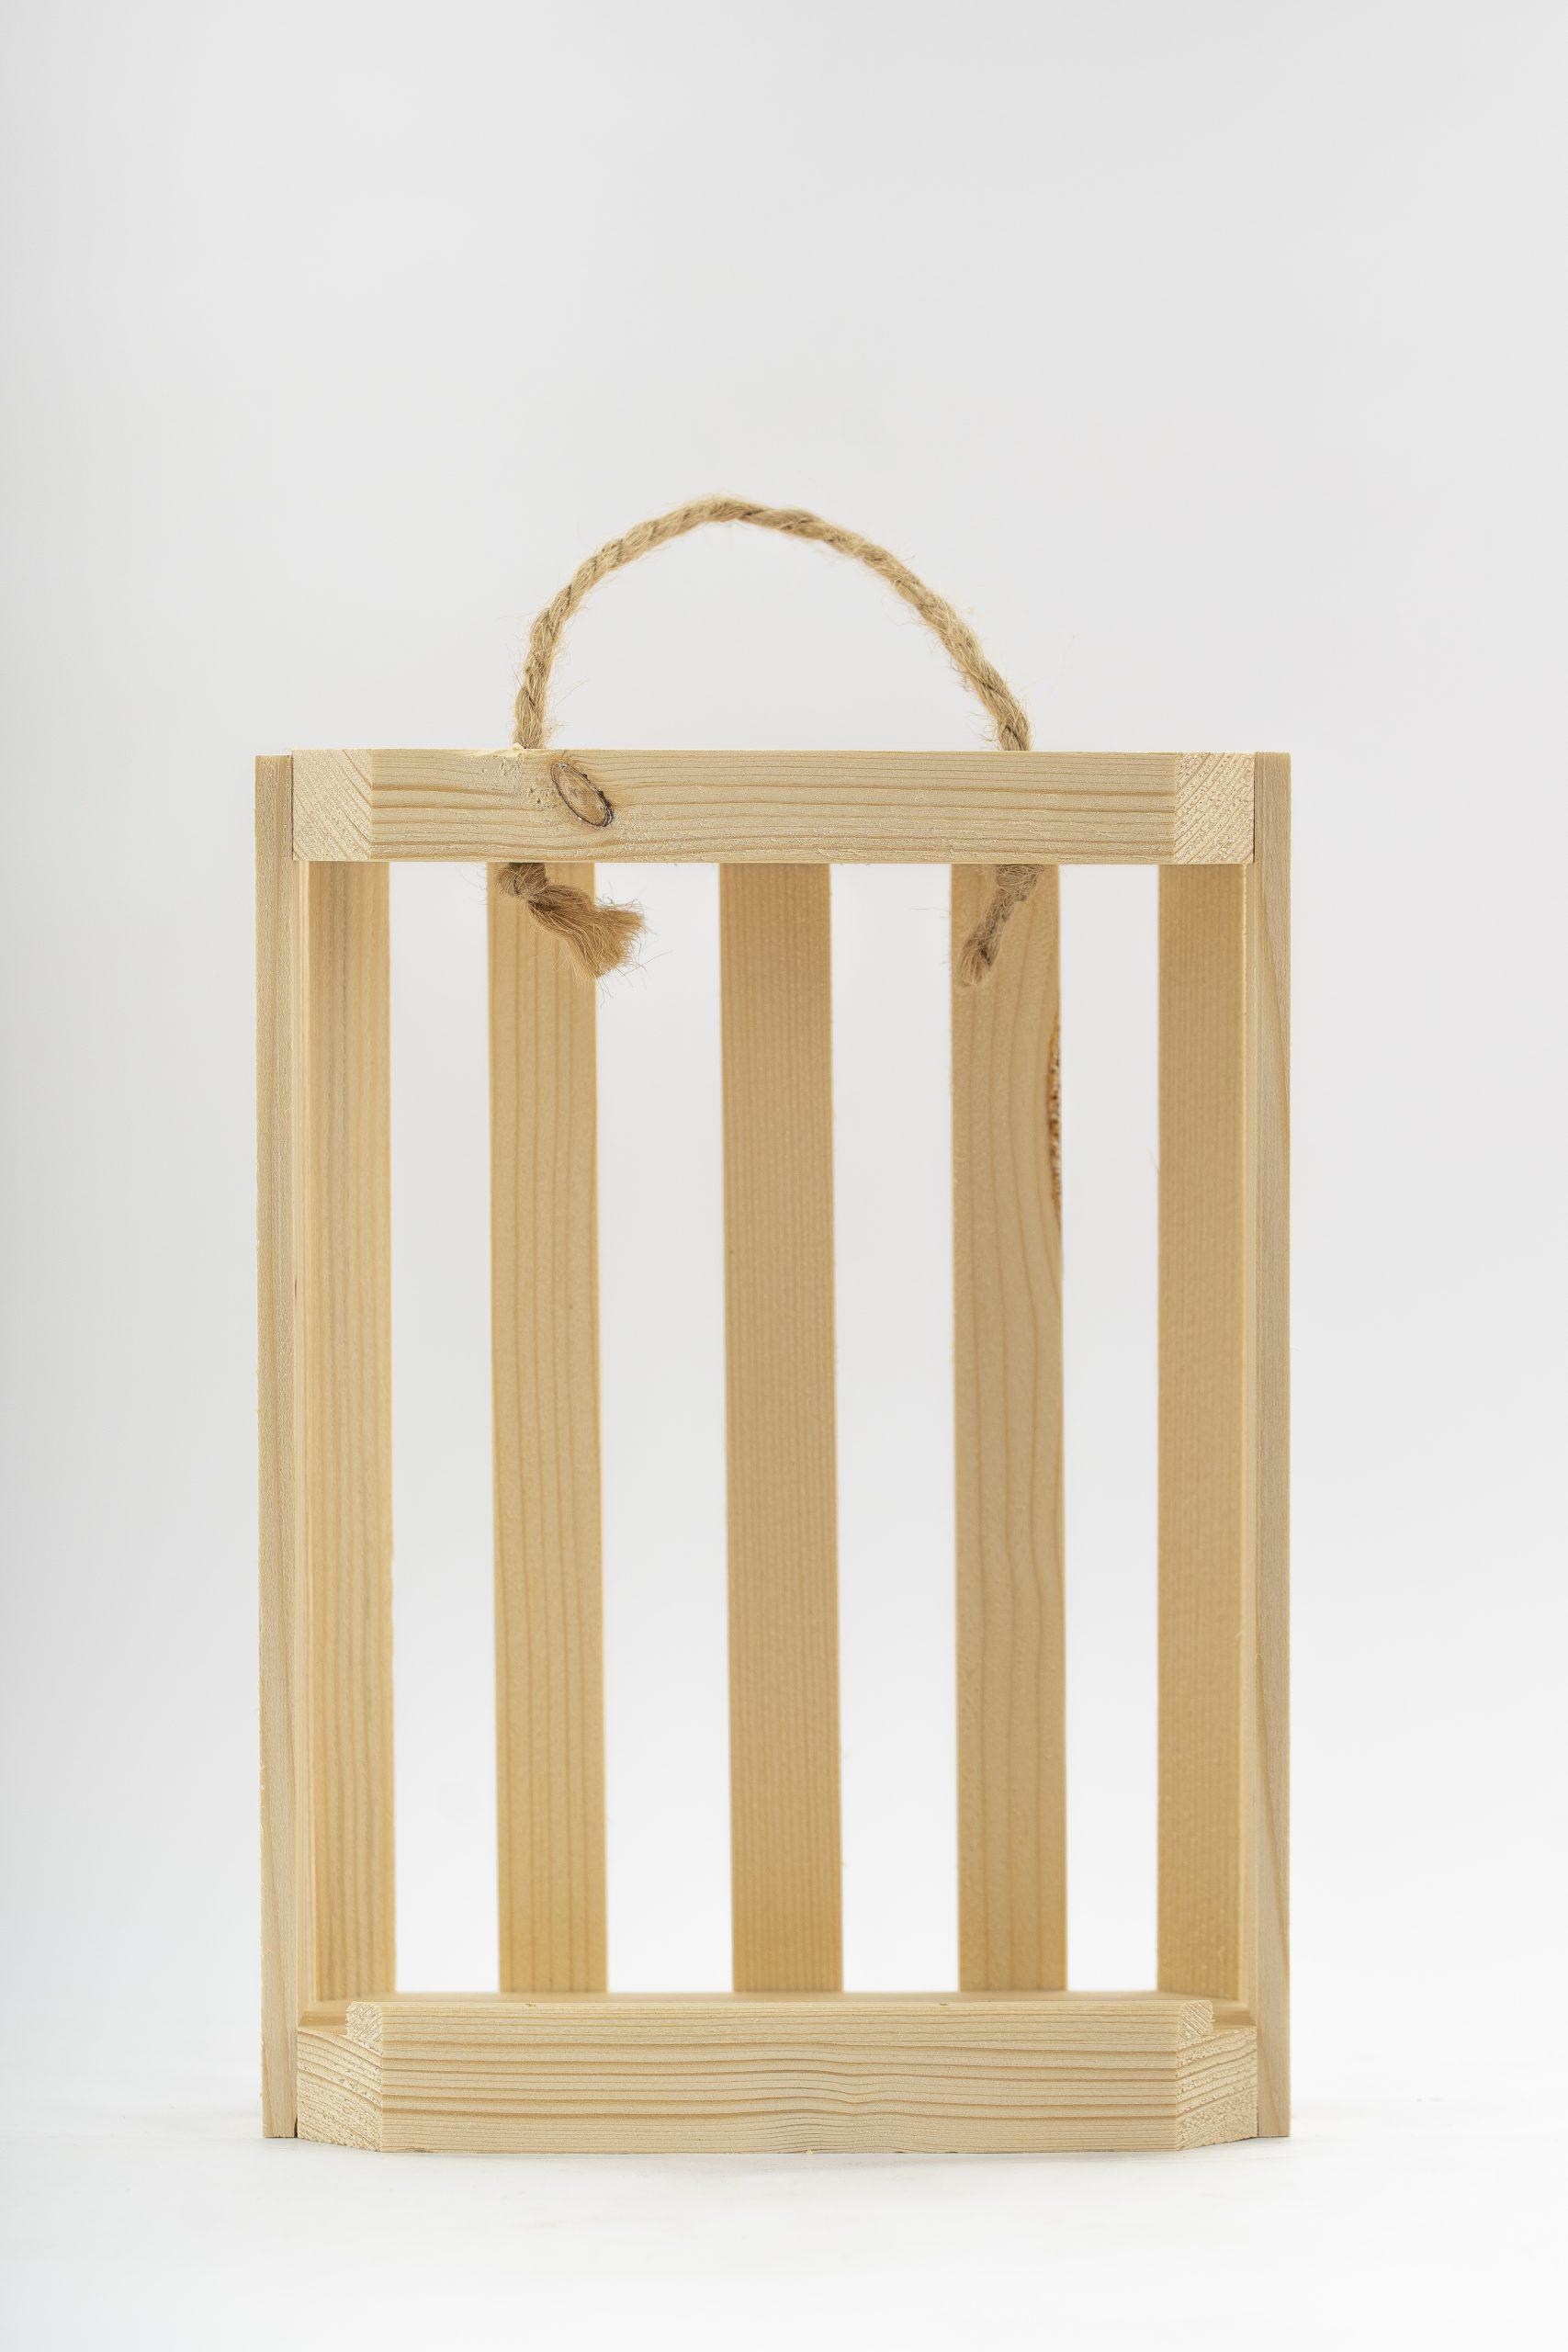 Dreveny stojan pre okruhle flase Makovicke scaled 1 - Drevený stojan na budík